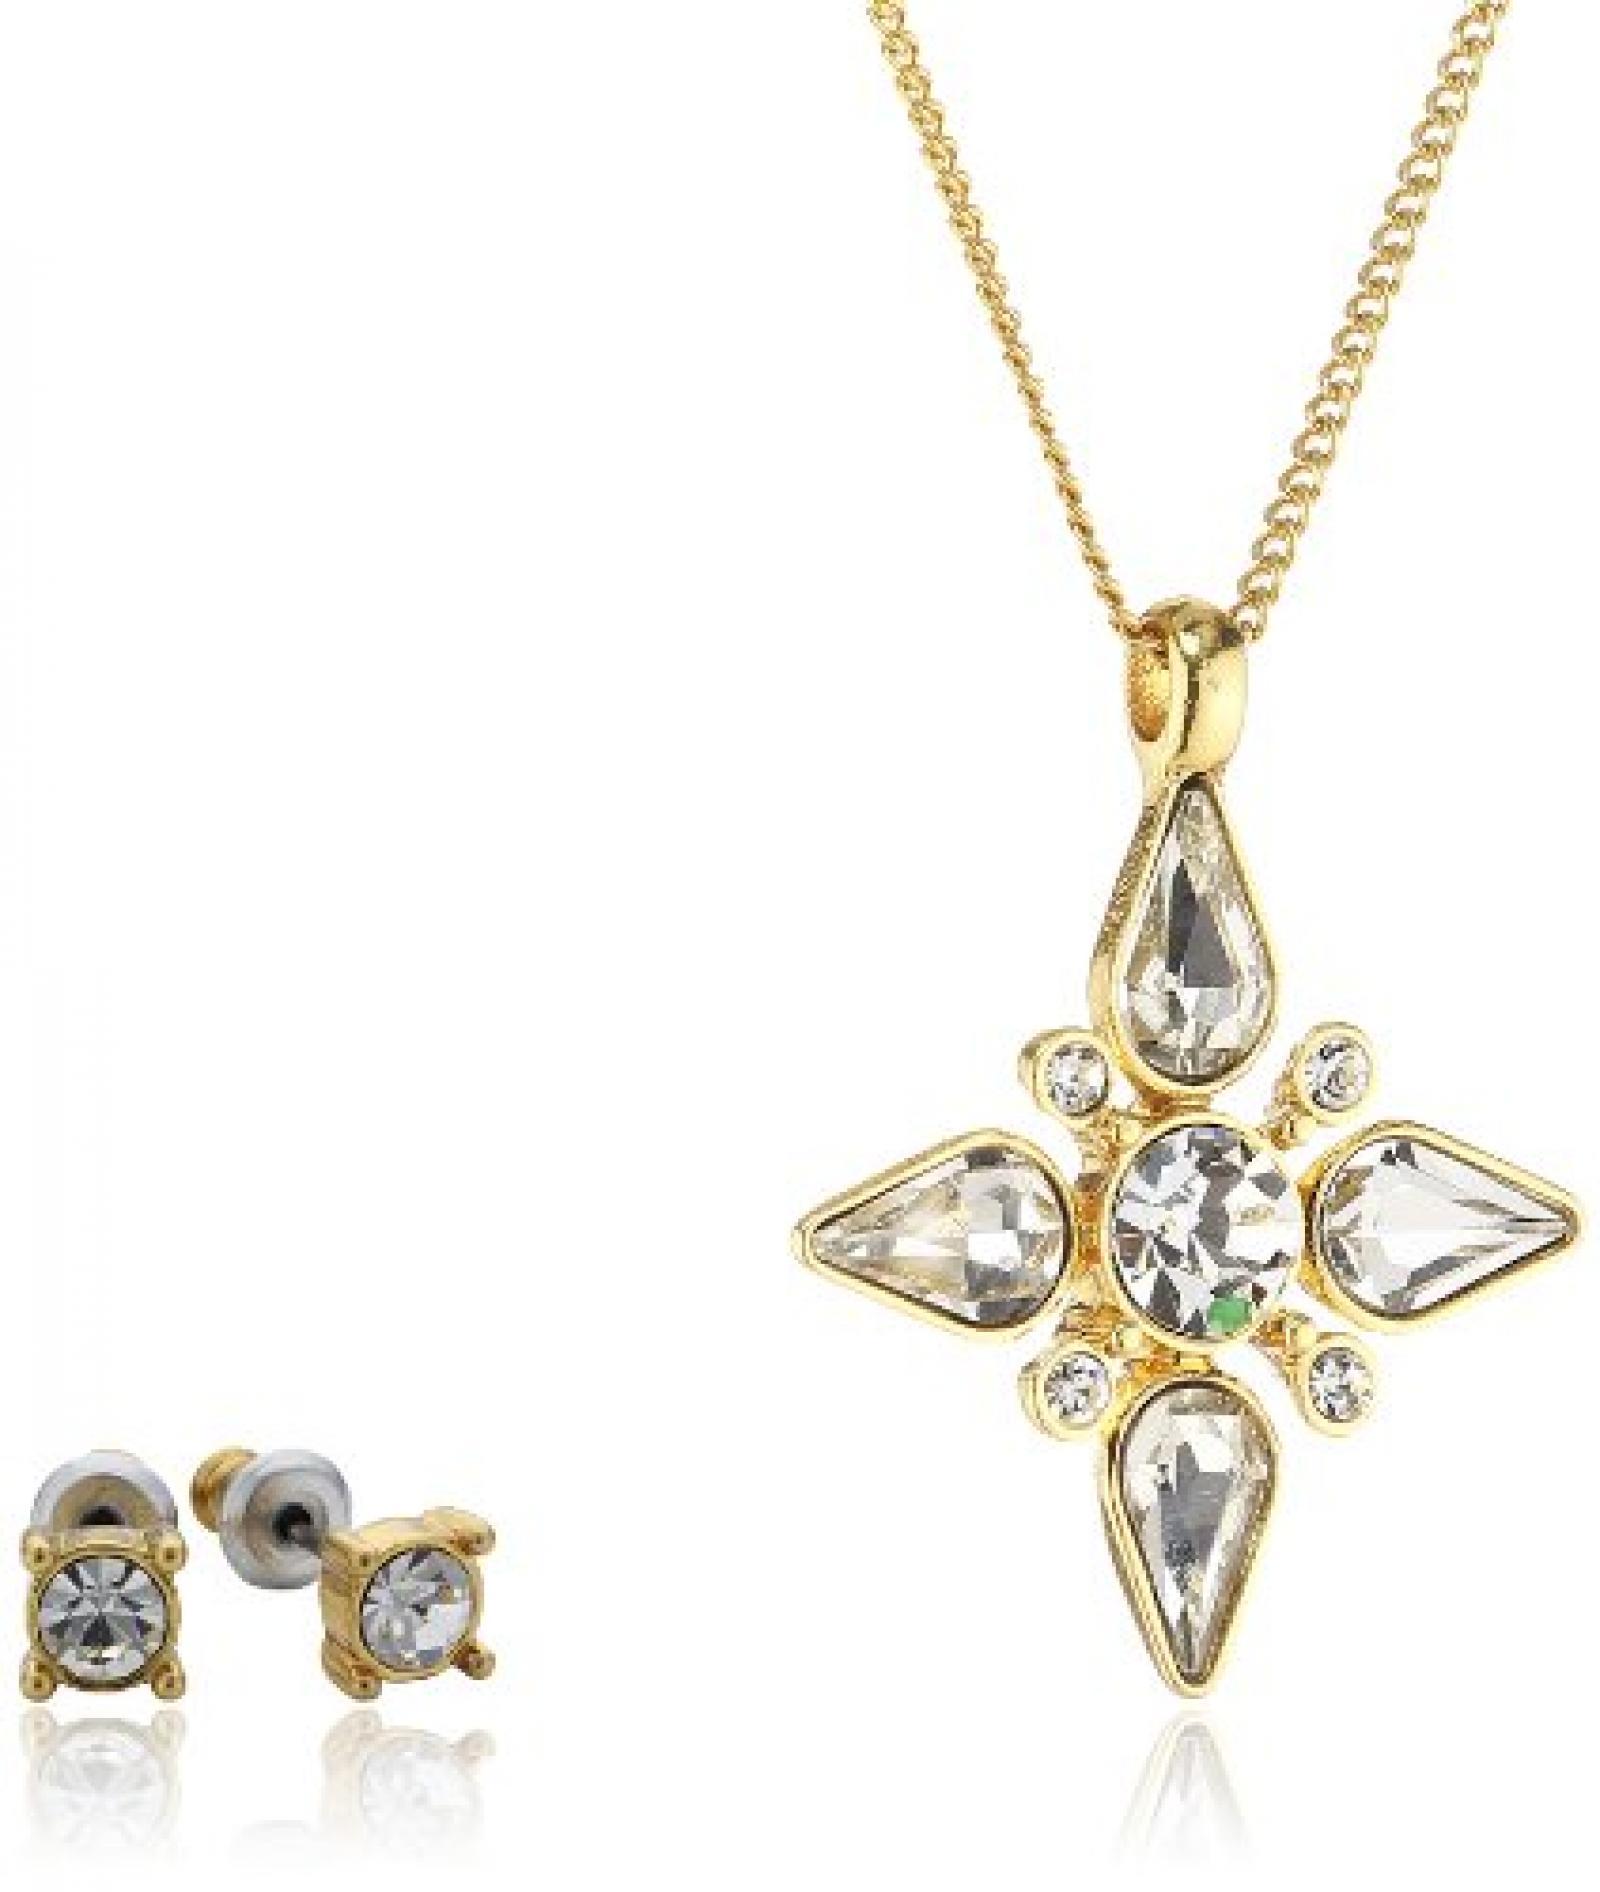 Pilgrim Jewelry Damen-Schmuckset: Halskette + Ohrstecker vergoldet Kristall weiß 901342009